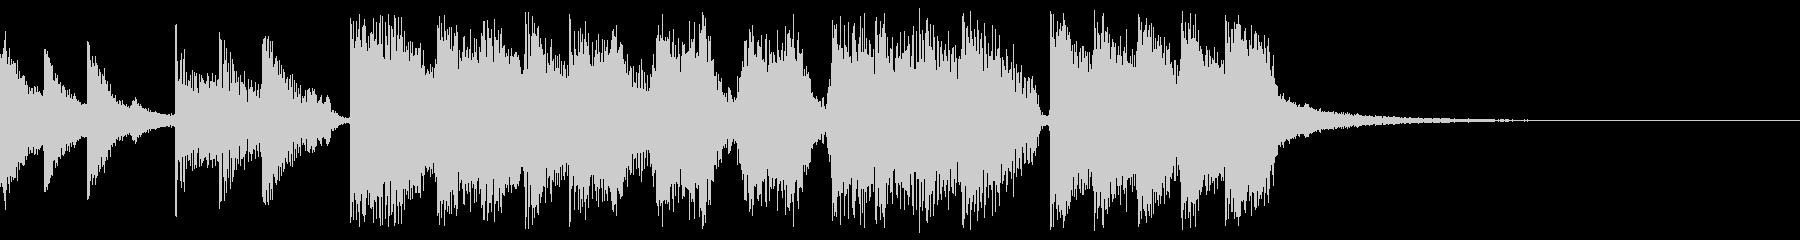 ストレートスルーALT。混合の未再生の波形